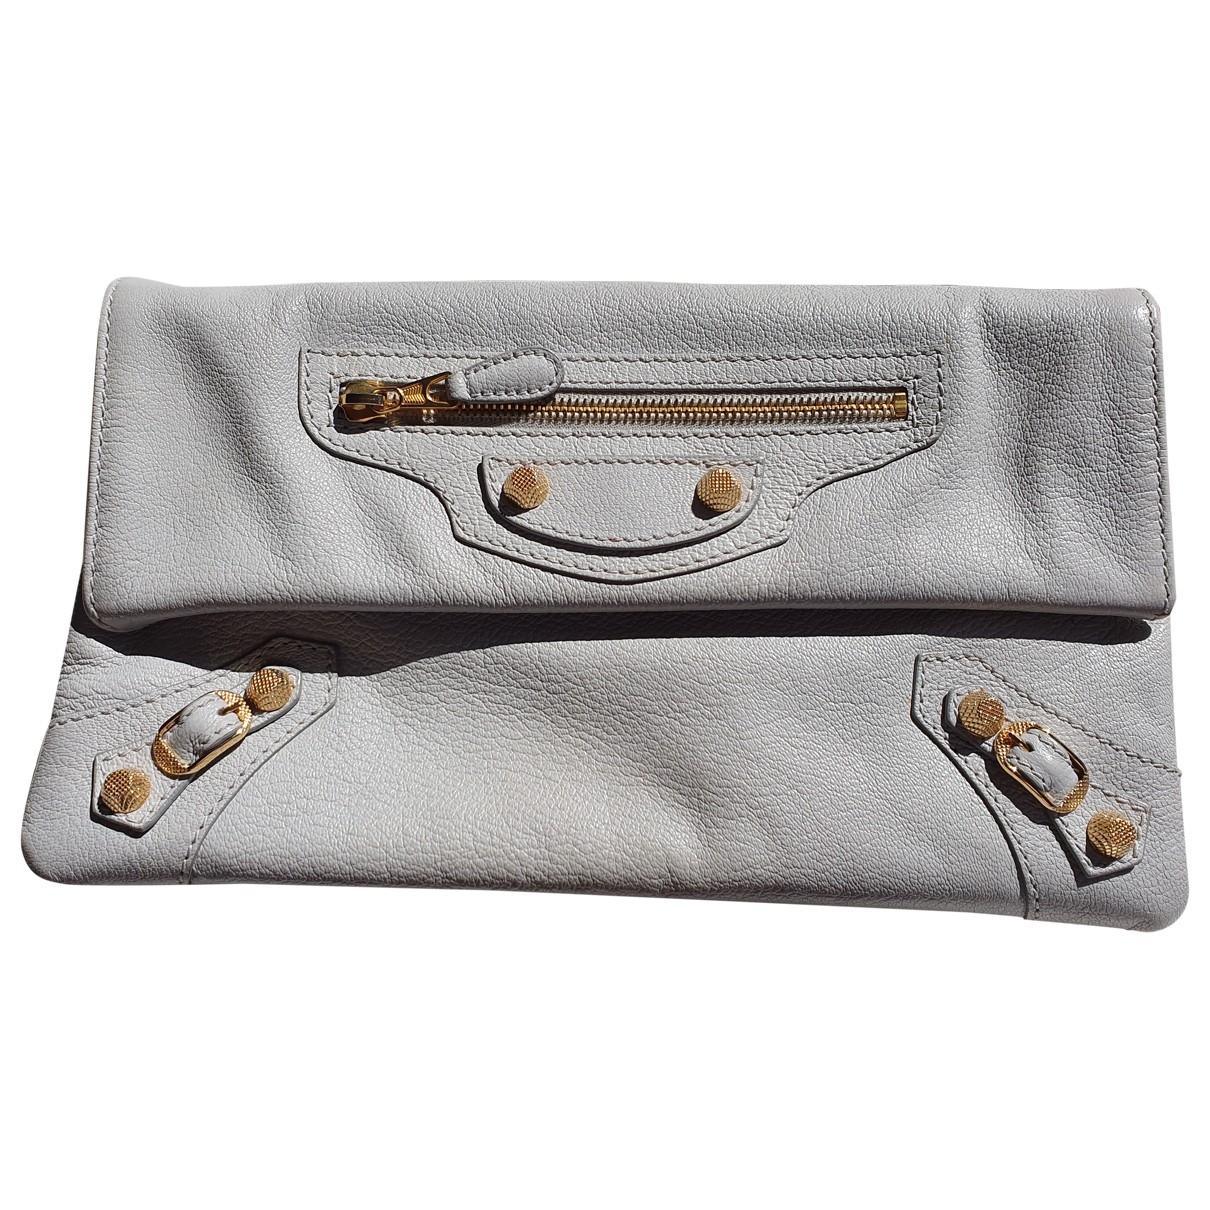 Balenciaga Envelop Clutch in  Grau Leder